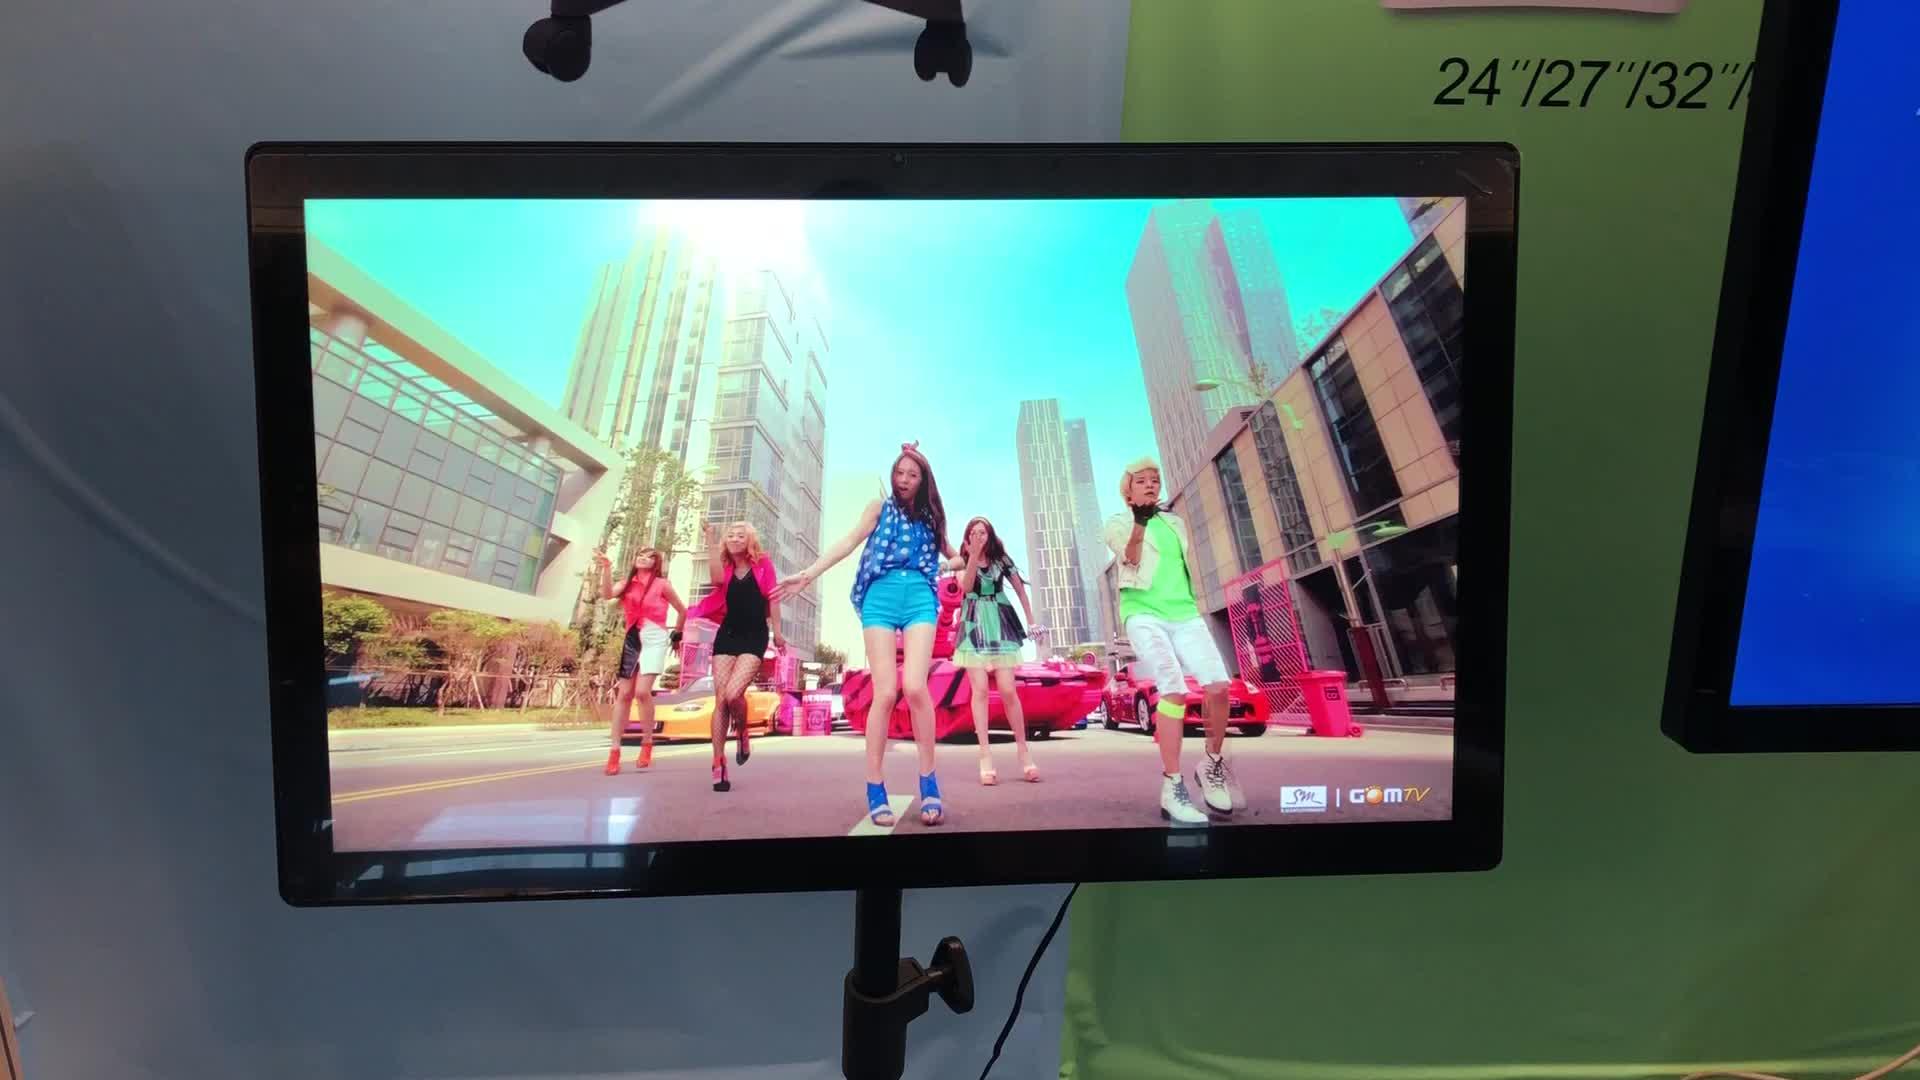 Computer portatile con slot per sim card RK3188/3288 Quad Core Android5.1 RJ45 Camera2.0MP 1920*1080 Pixel 32 pollici Tutto in un Tablet PC